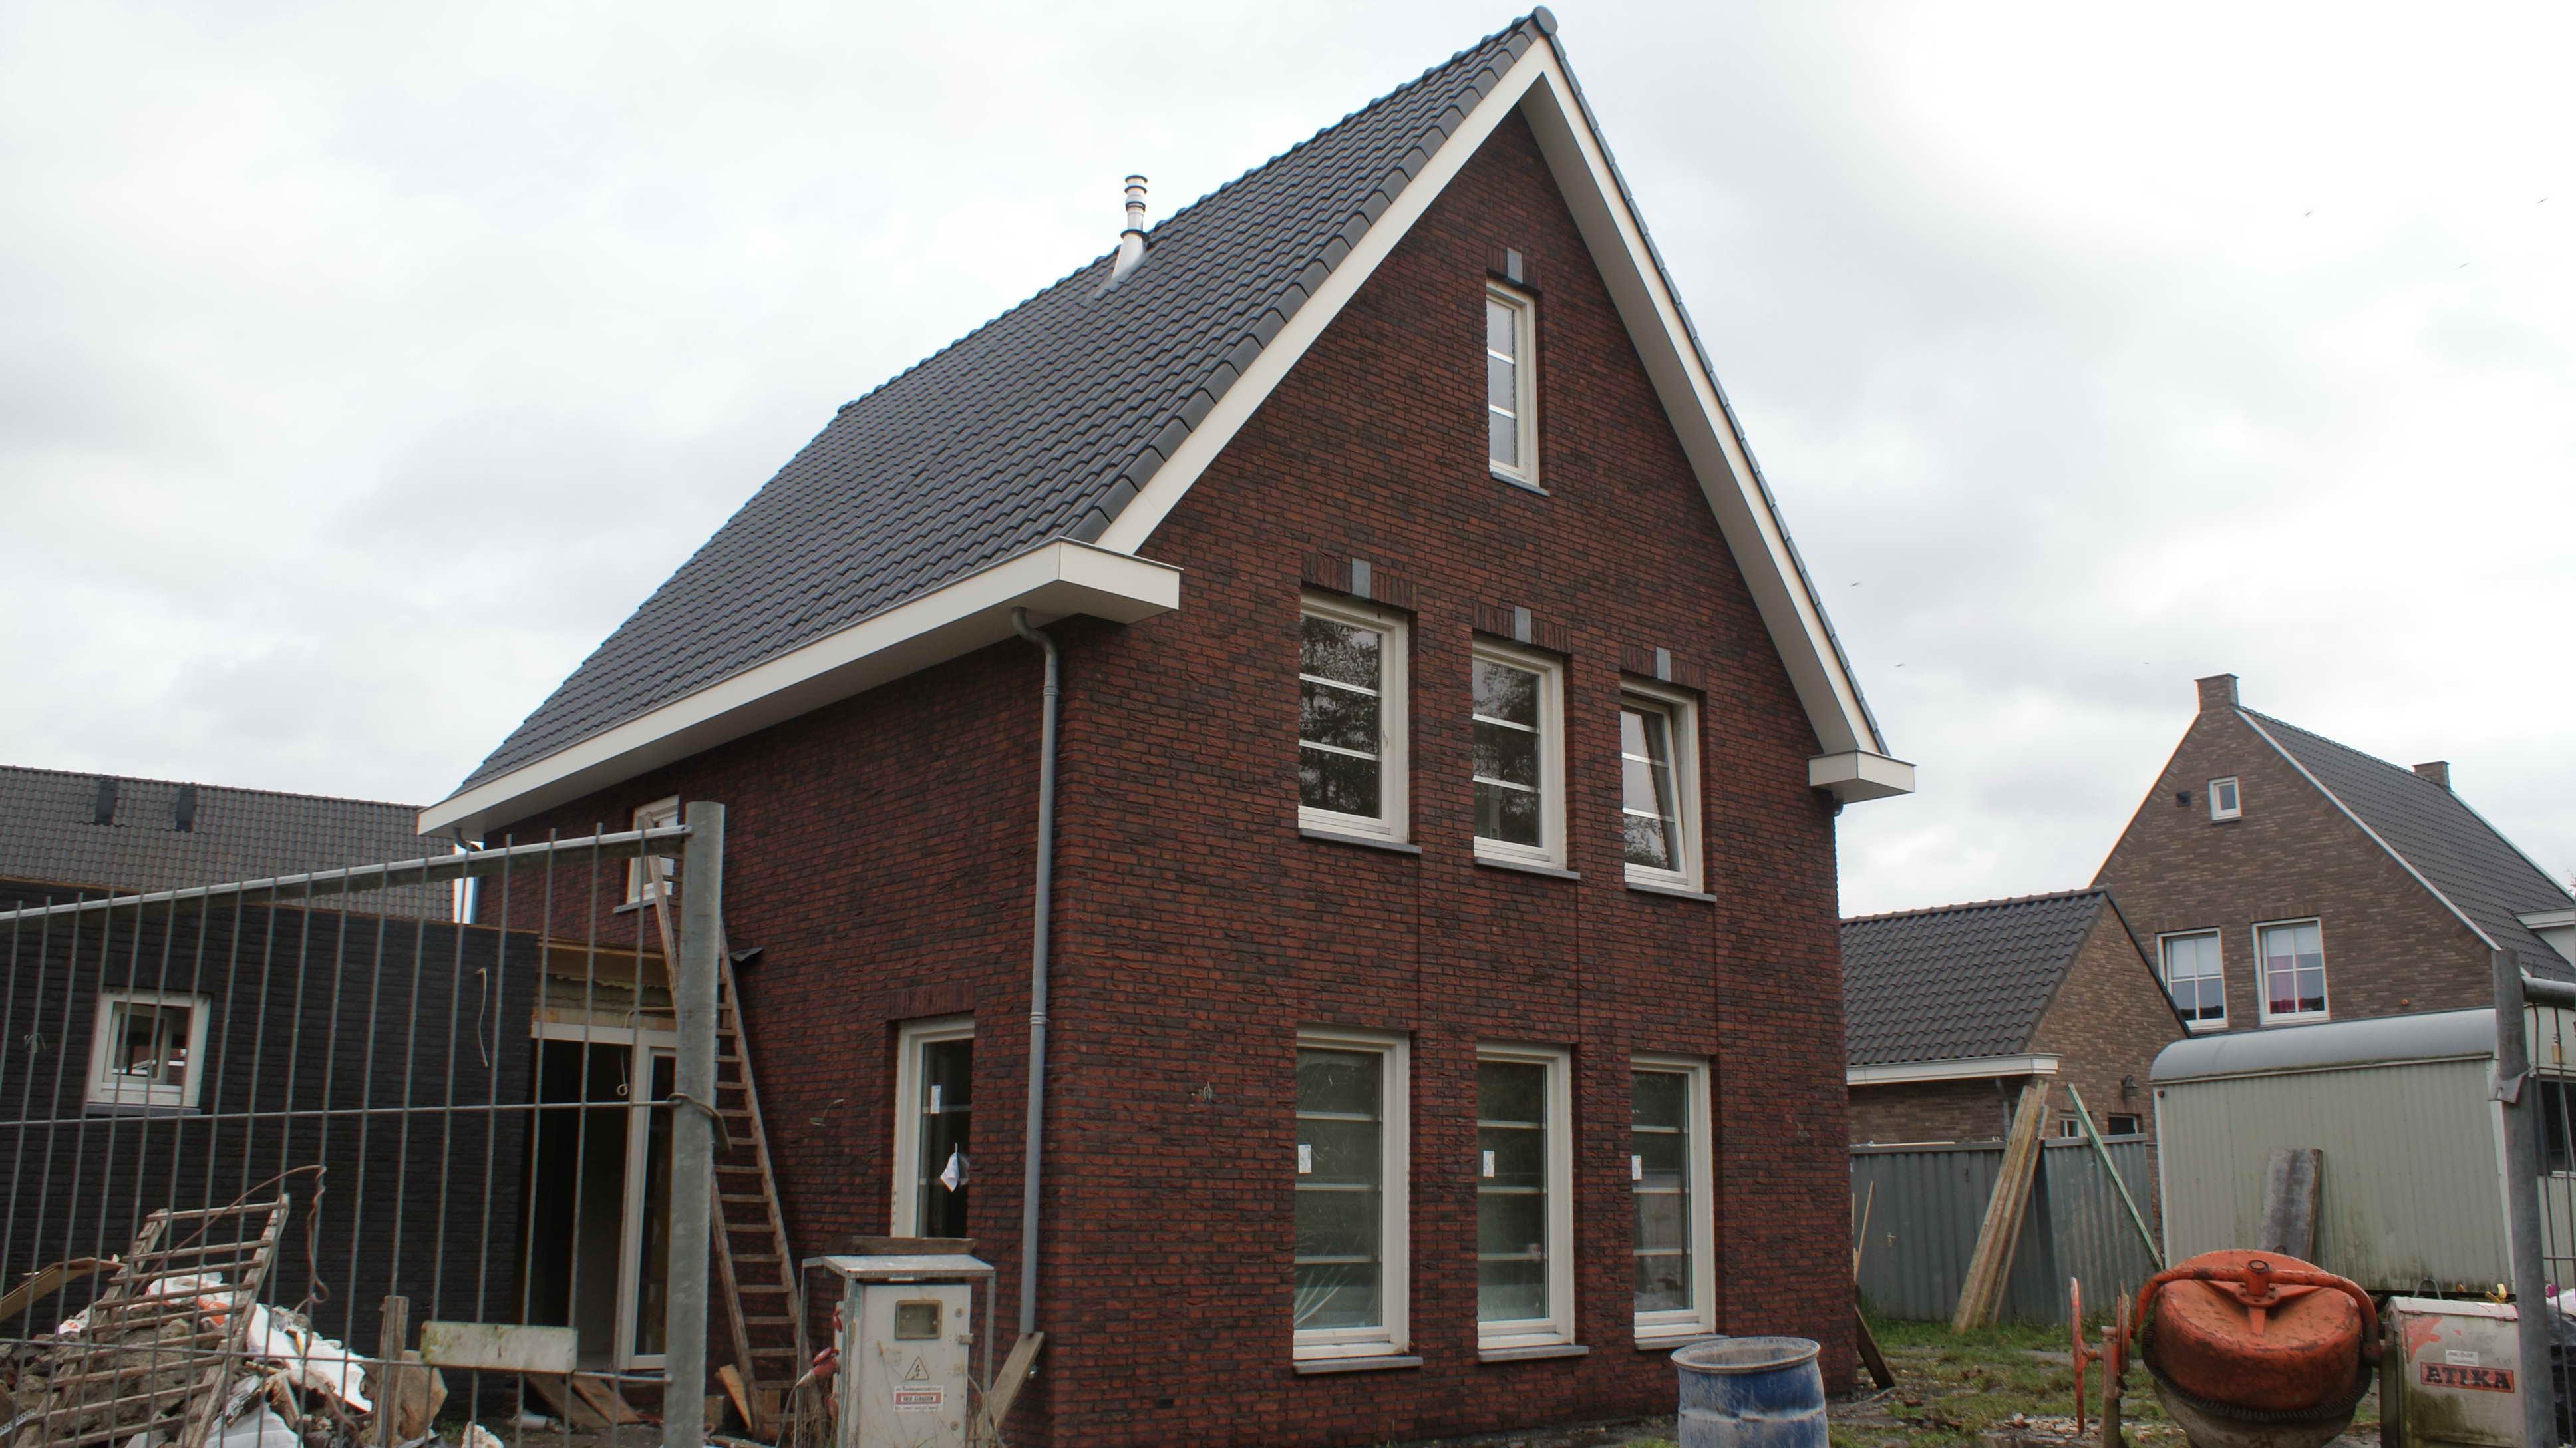 Opgeleverd vrijstaande nieuwbouw woning te asten for Nieuwbouw vrijstaande woning